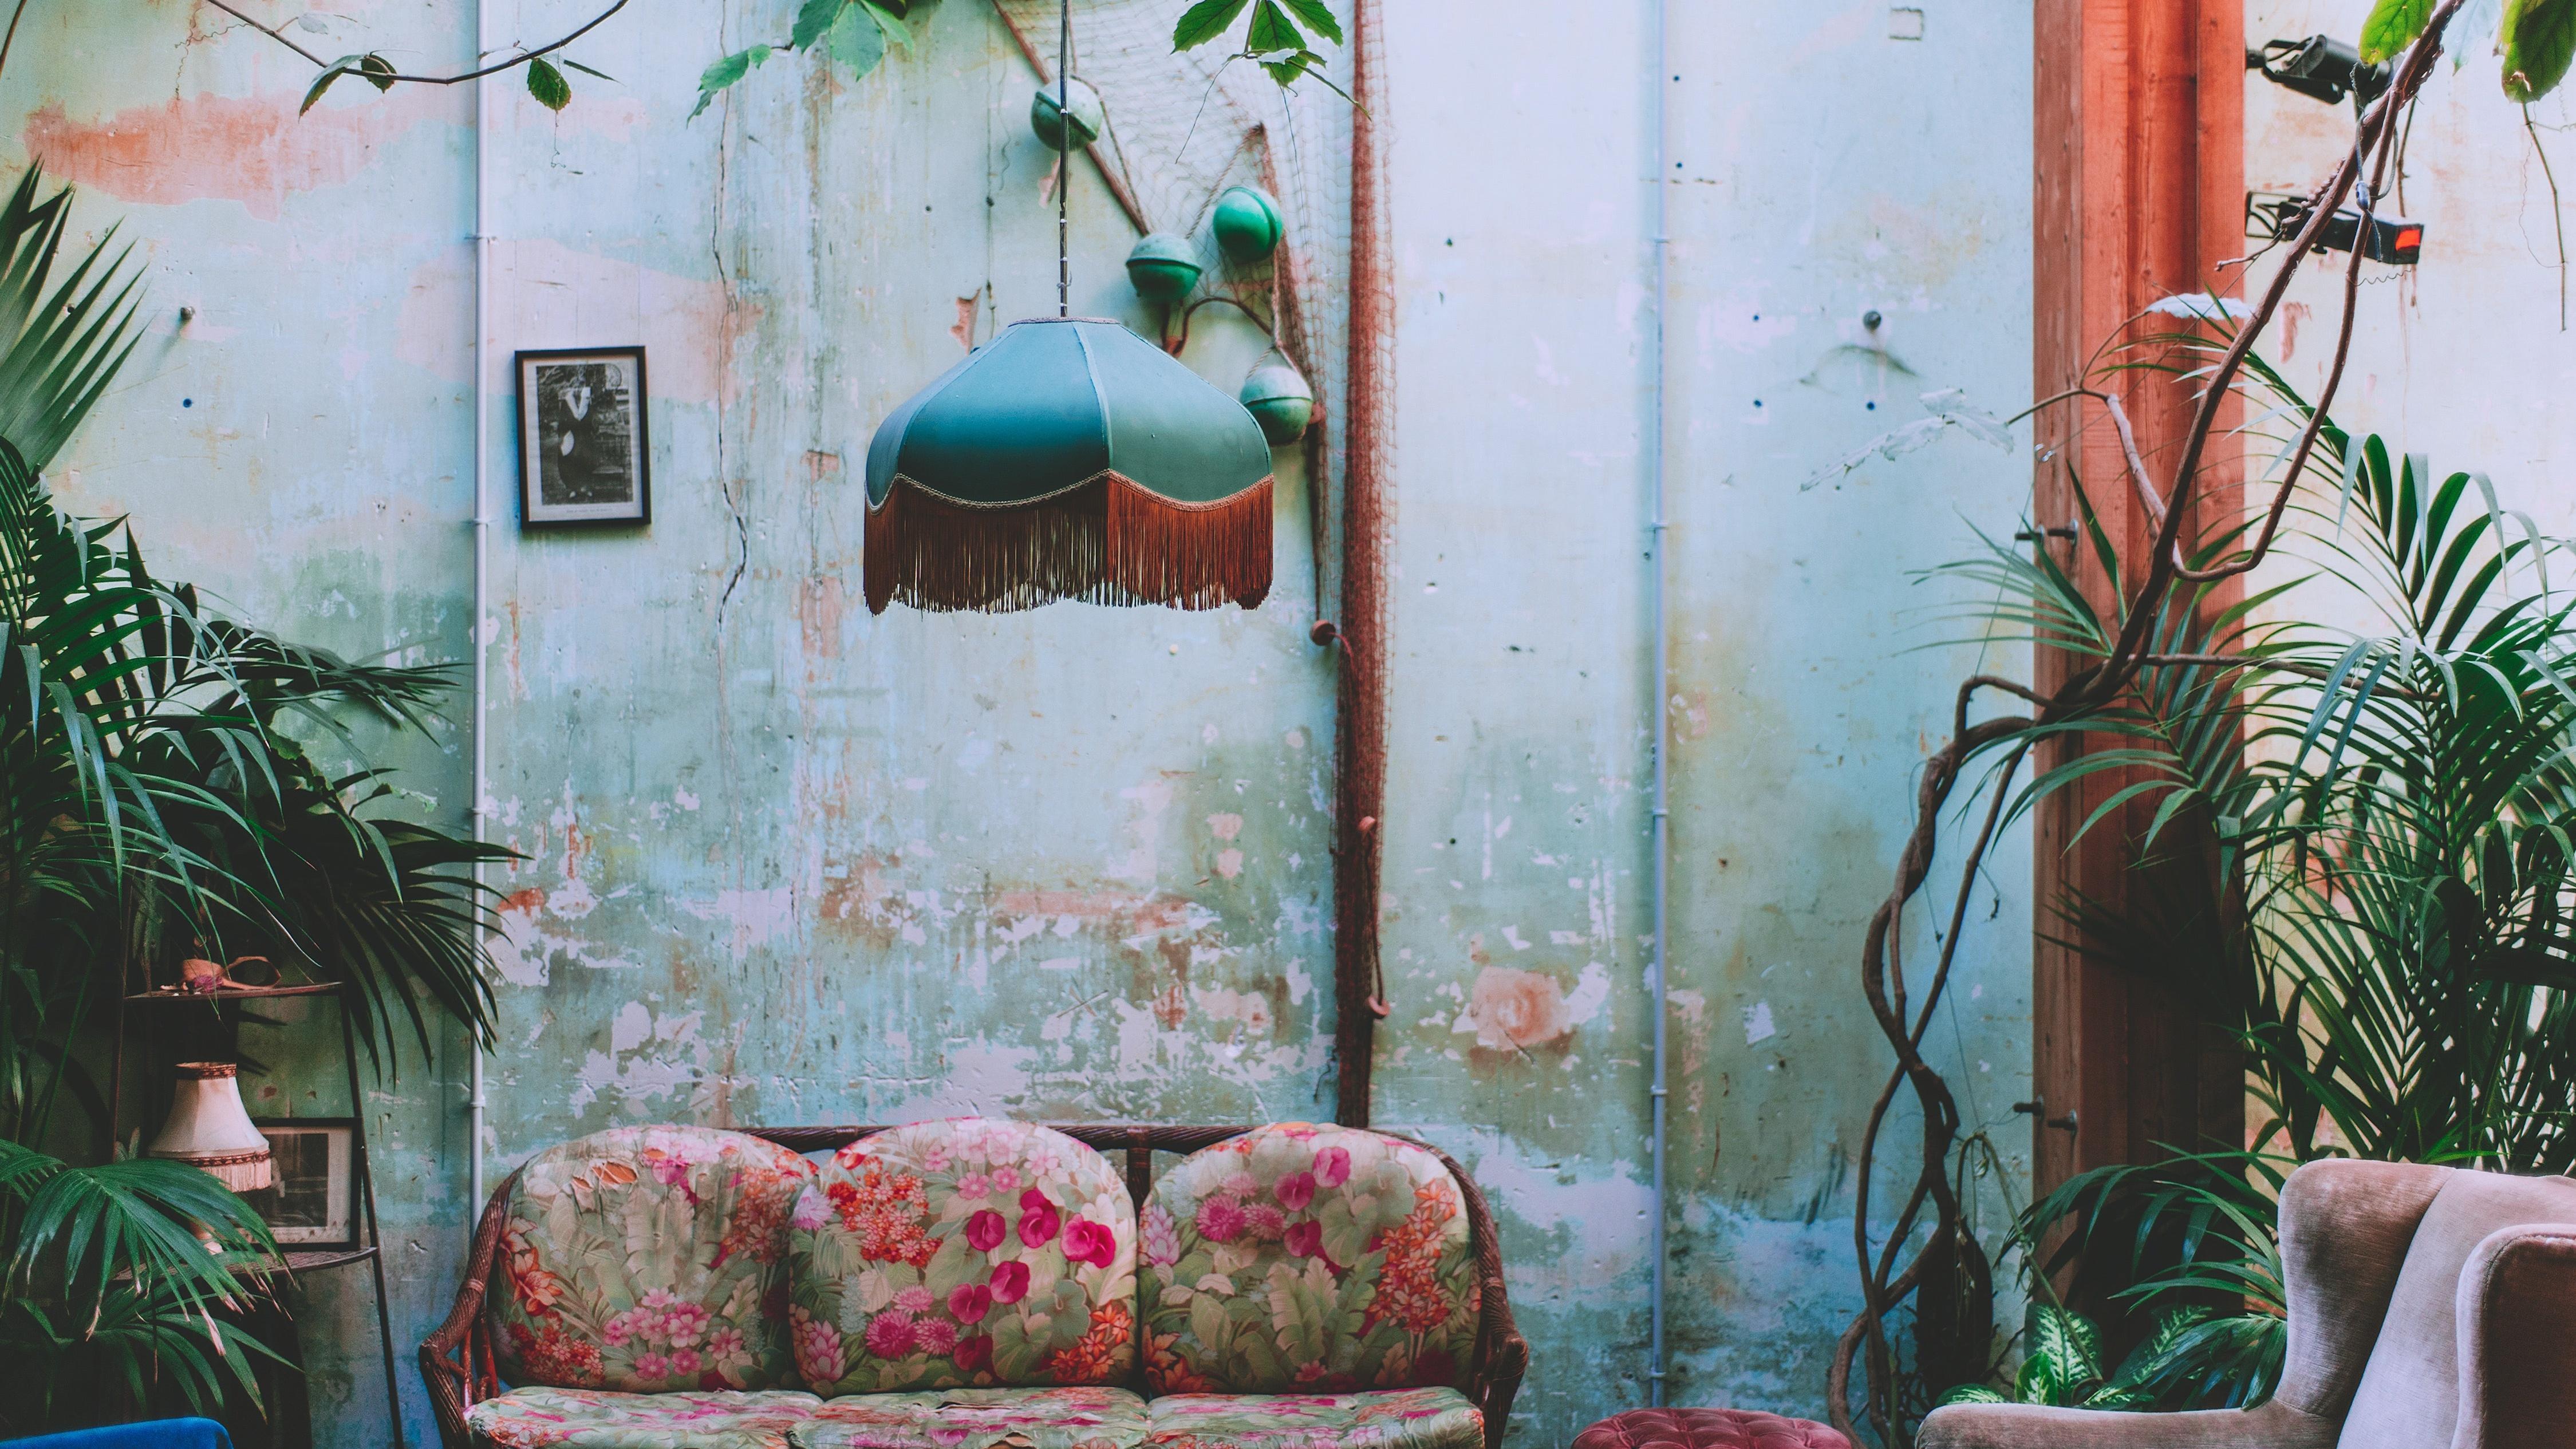 Mit der Urban Jungle Einrichtung holen Sie sich die Natur direkt ins eigene Zuhause.